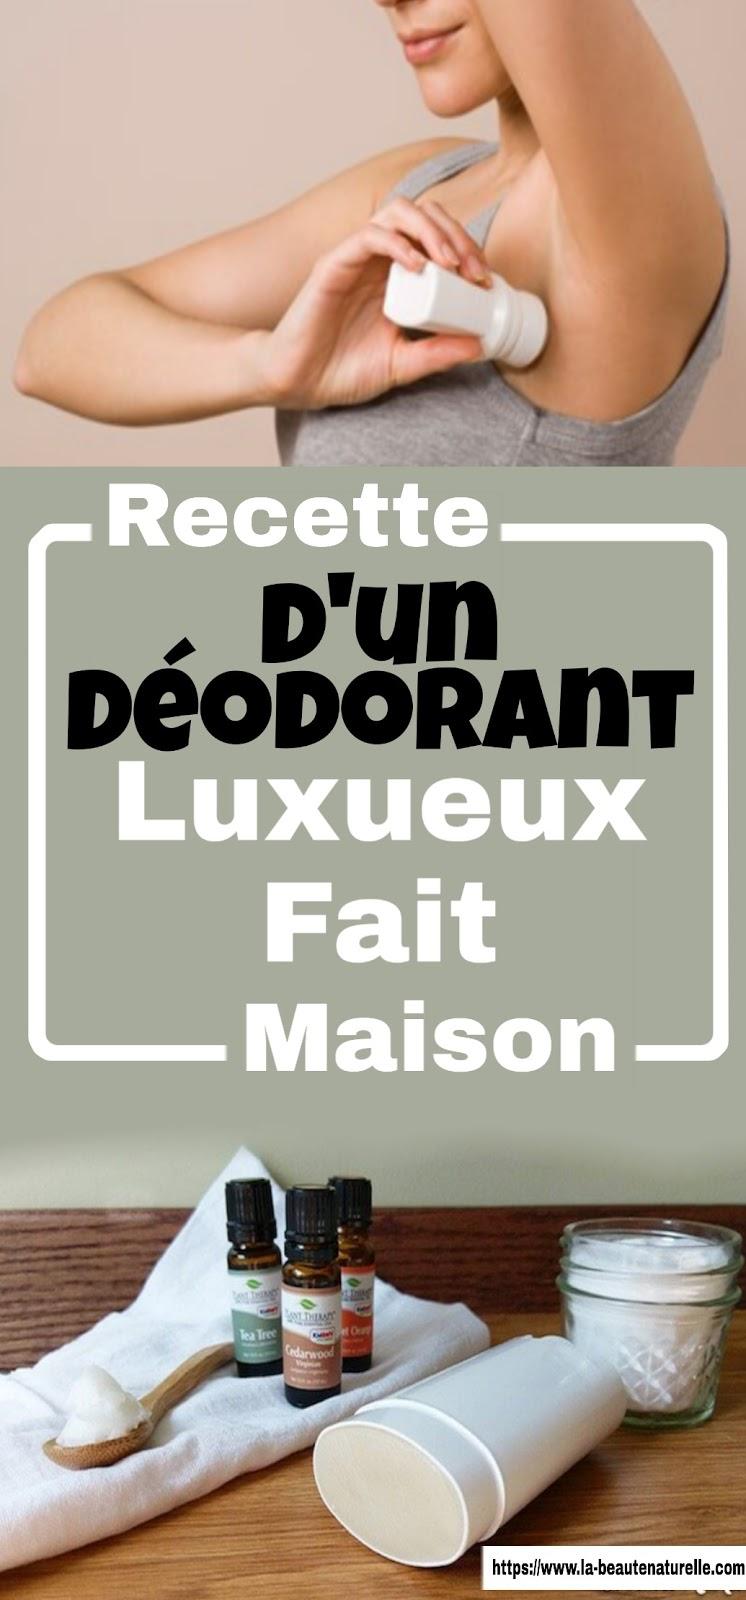 Recette D'un Déodorant Luxueux Fait Maison